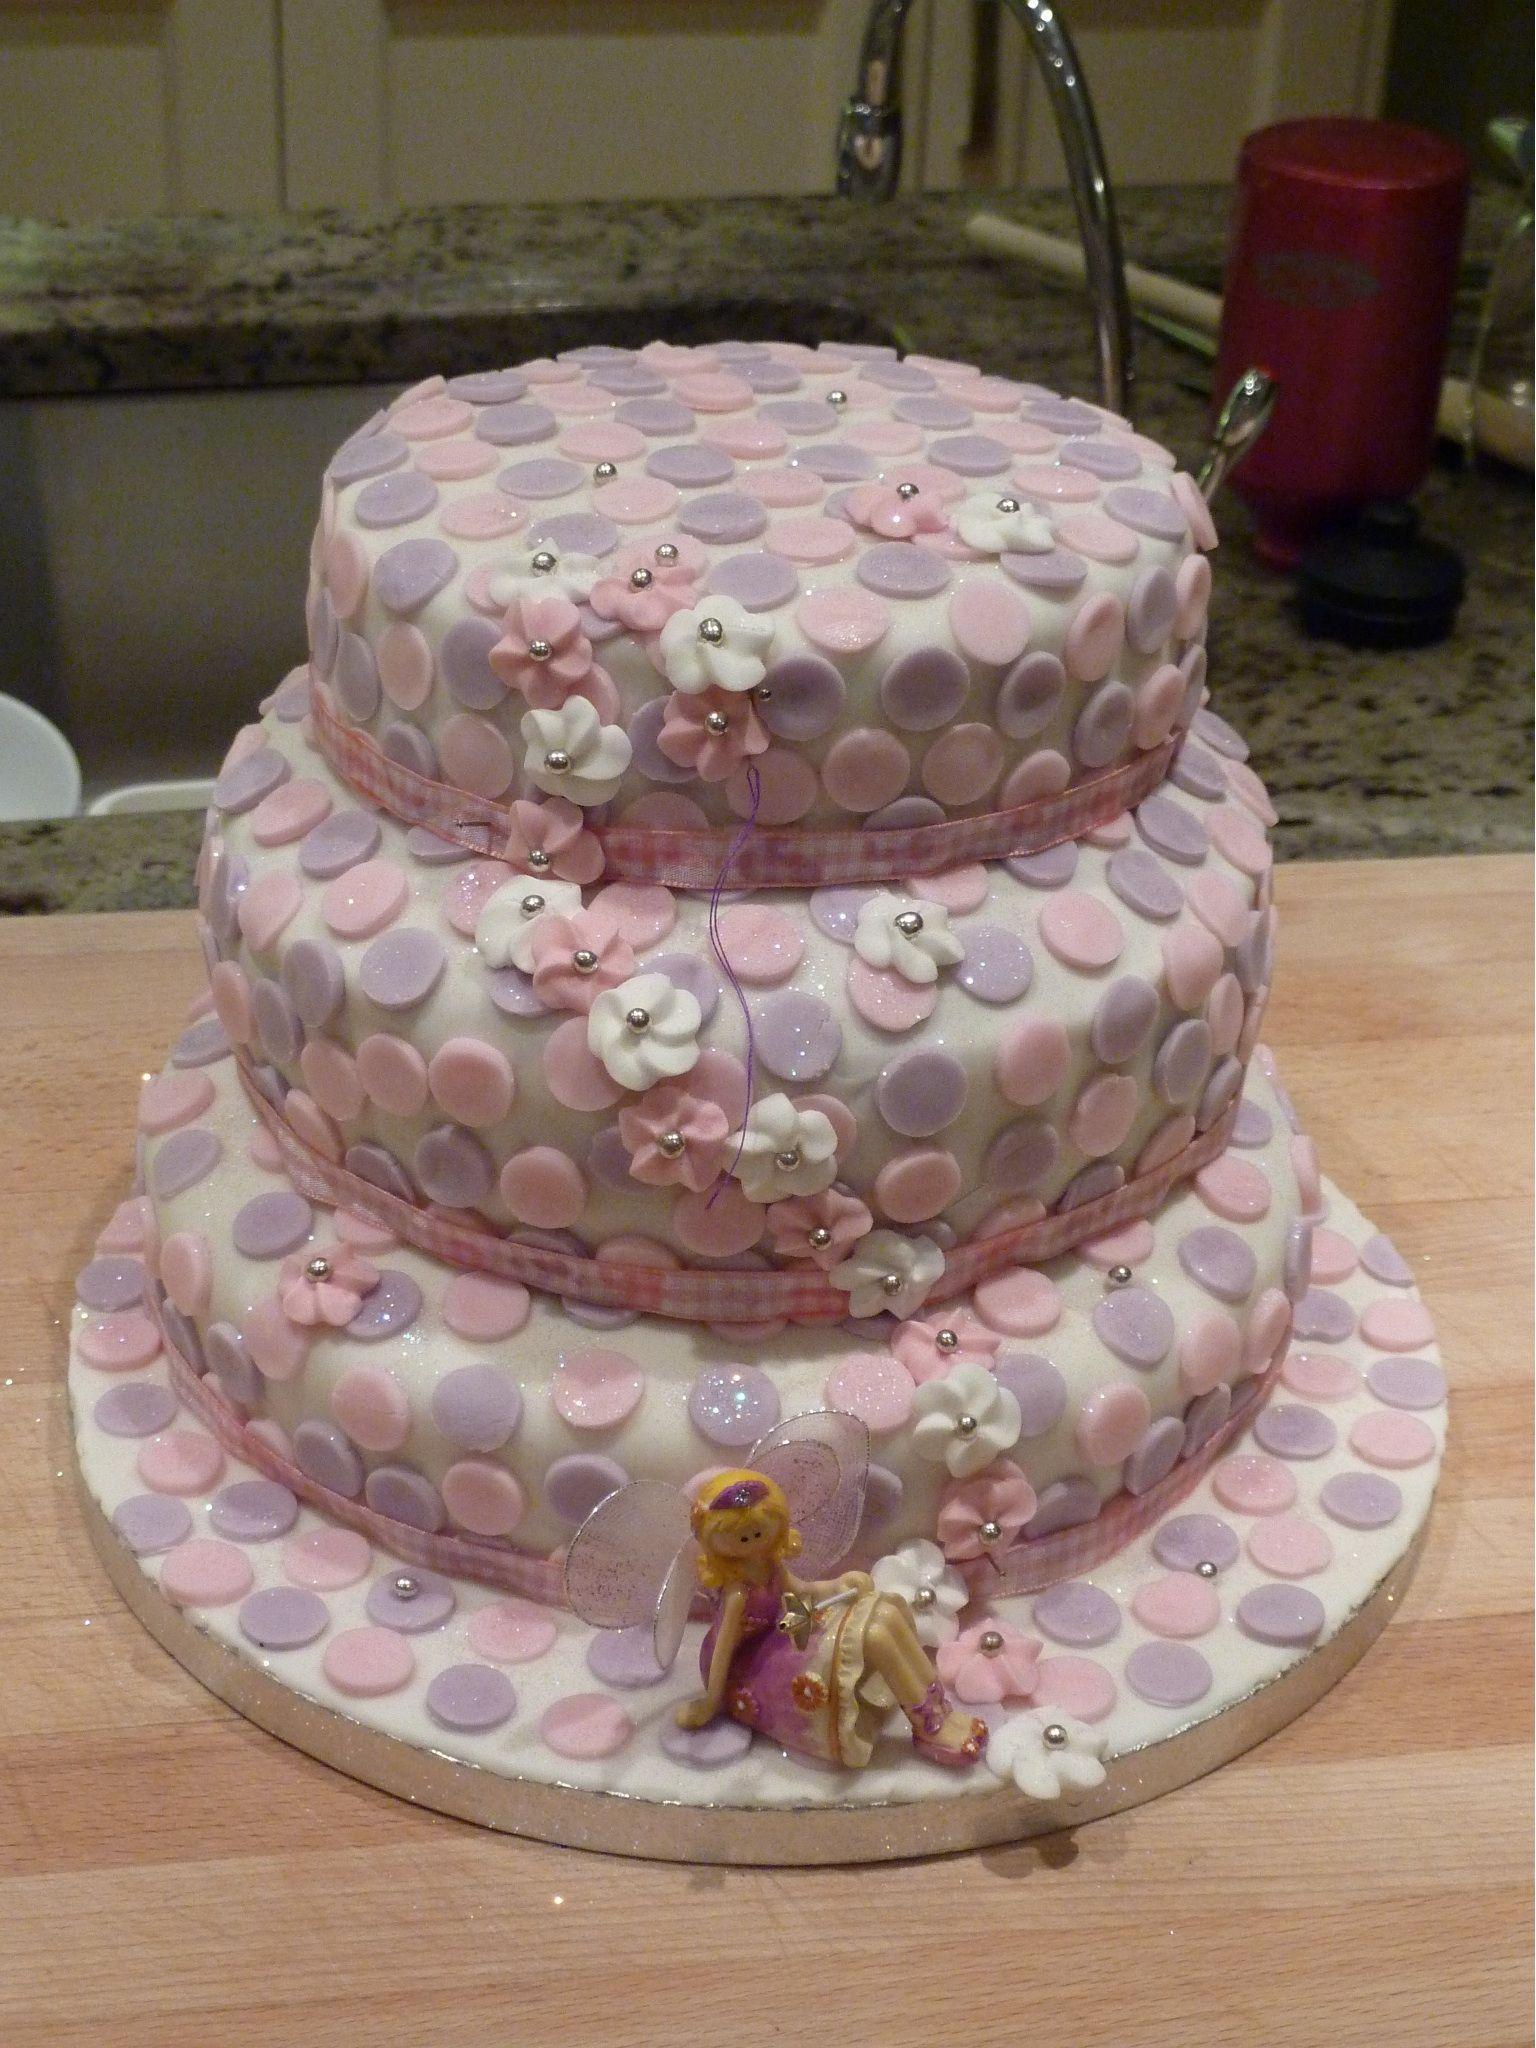 5 Year Olds Birthday Cake Birthdays Pinterest Birthday Cakes